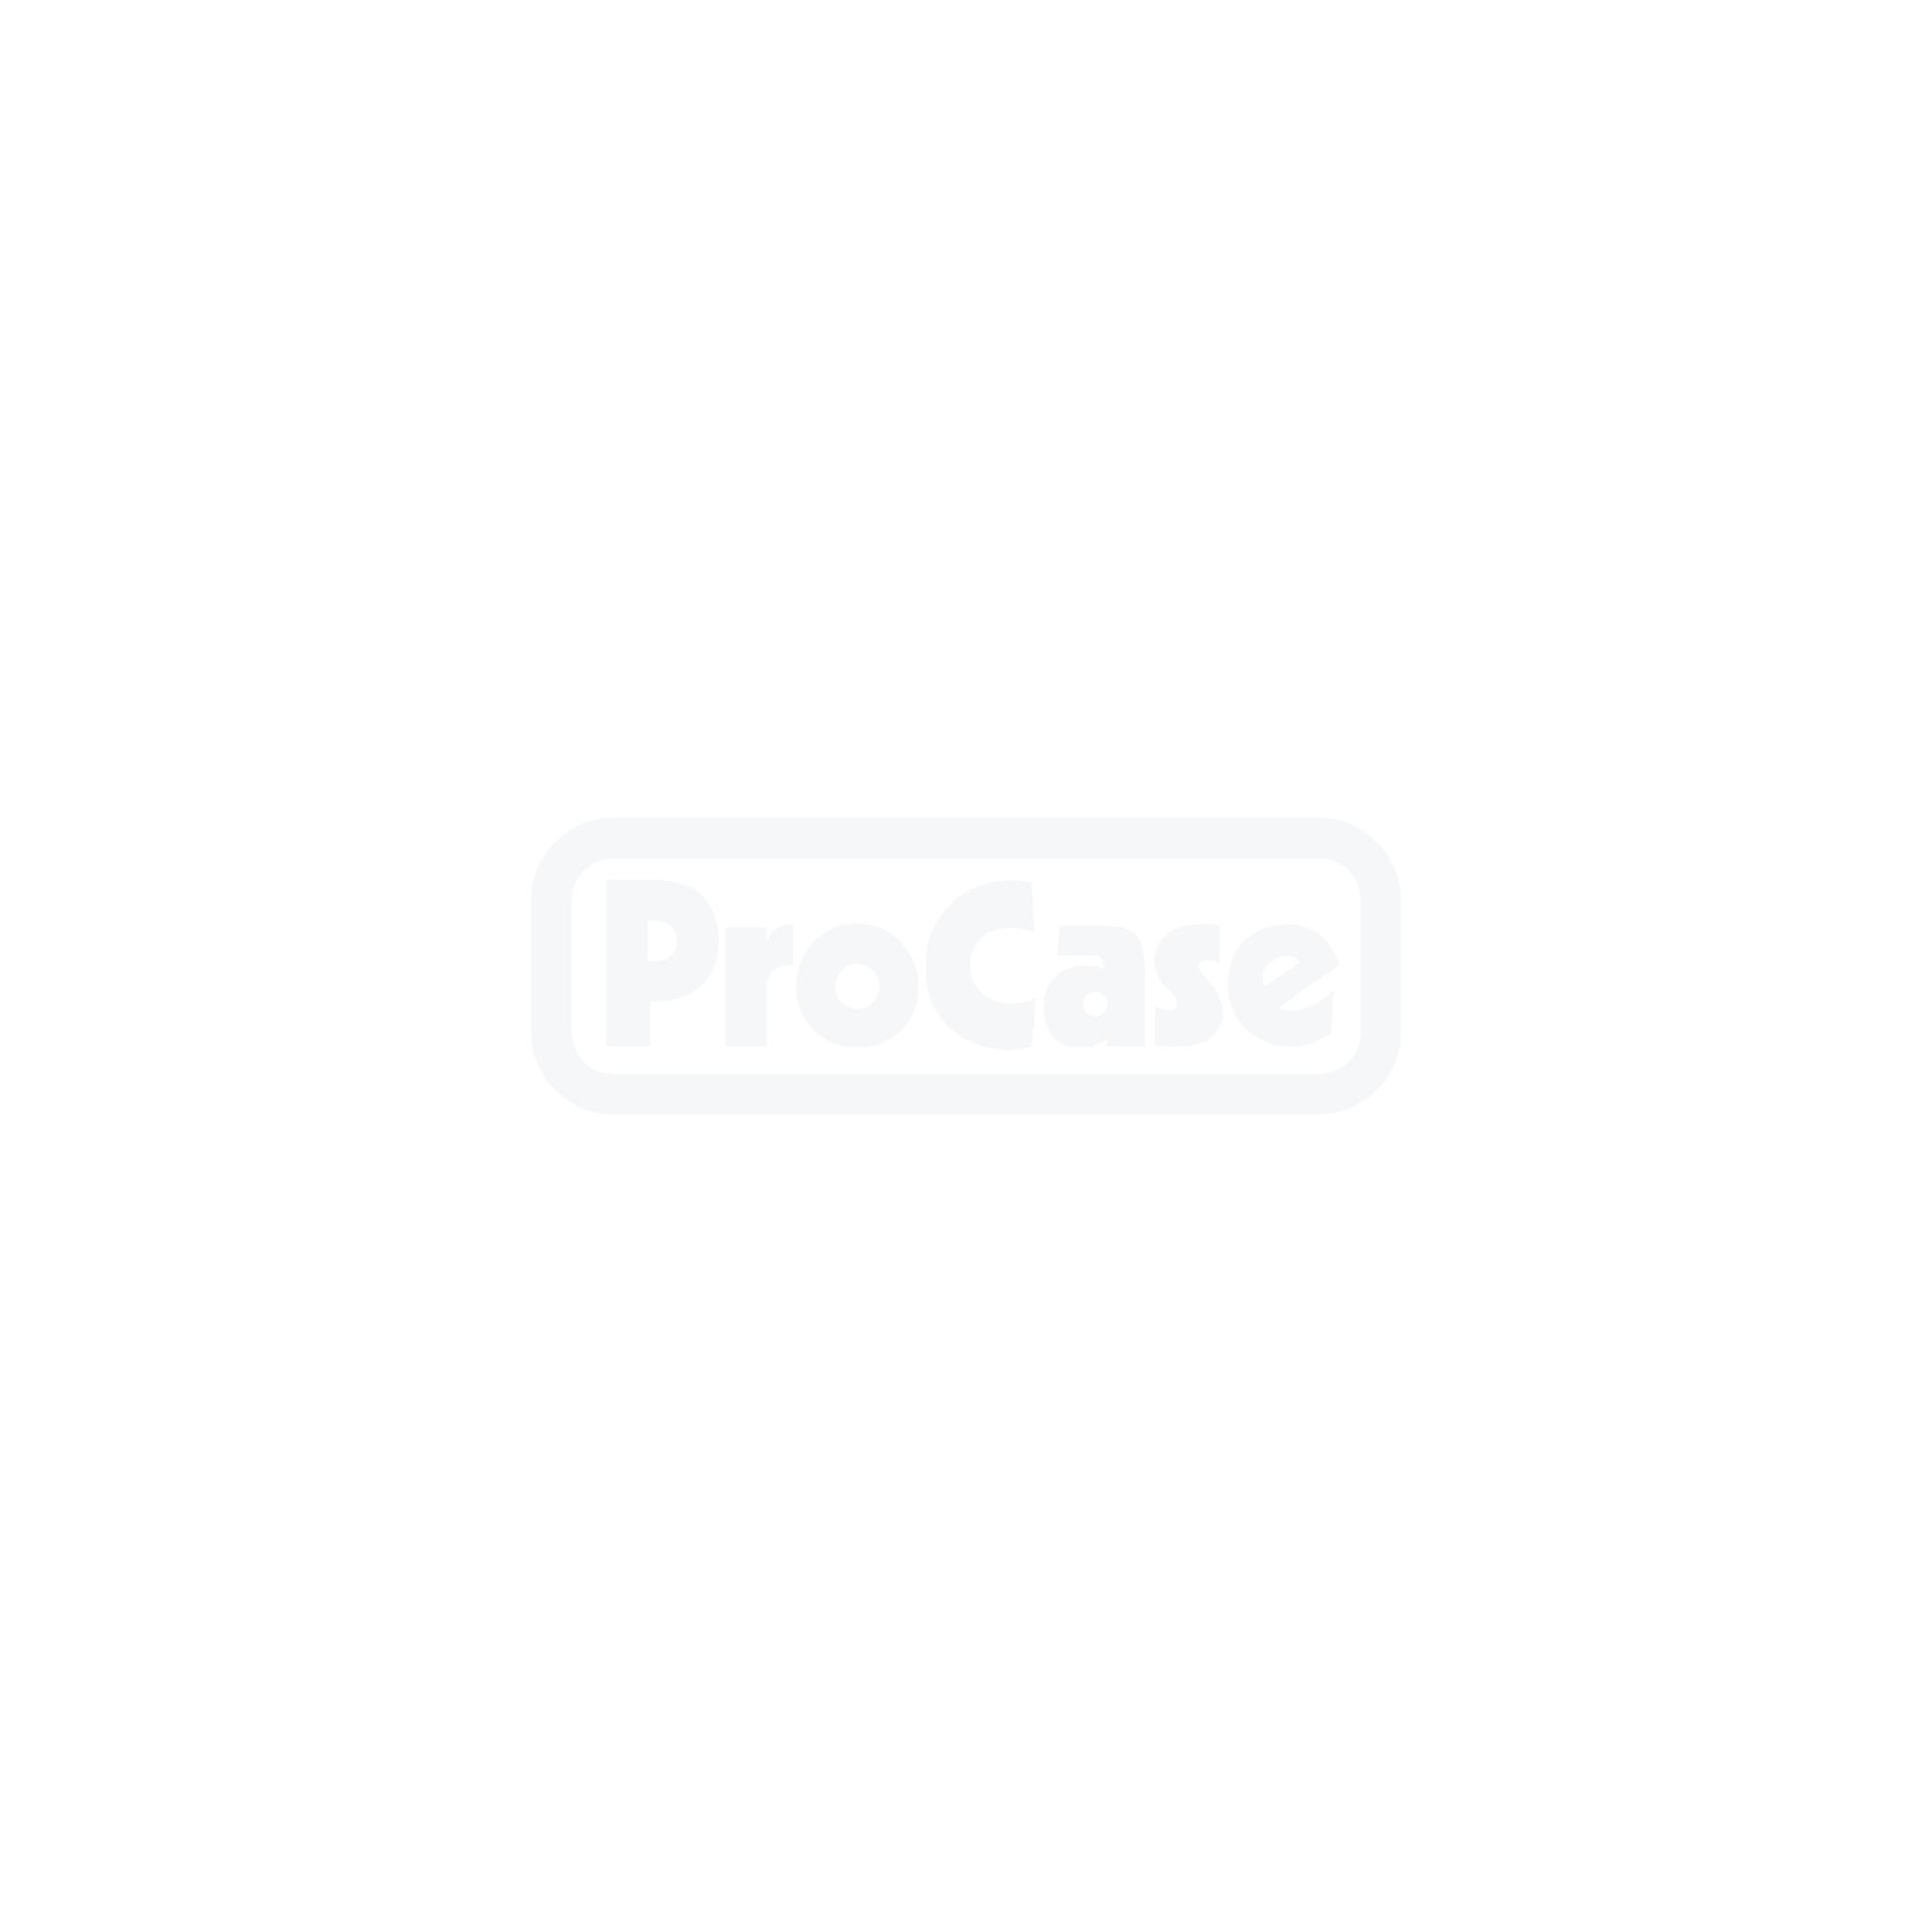 PlasmaCase Eyevis Eye-LCD-4600-SN-V2 und  Eye-Frame-4600-SN-V2